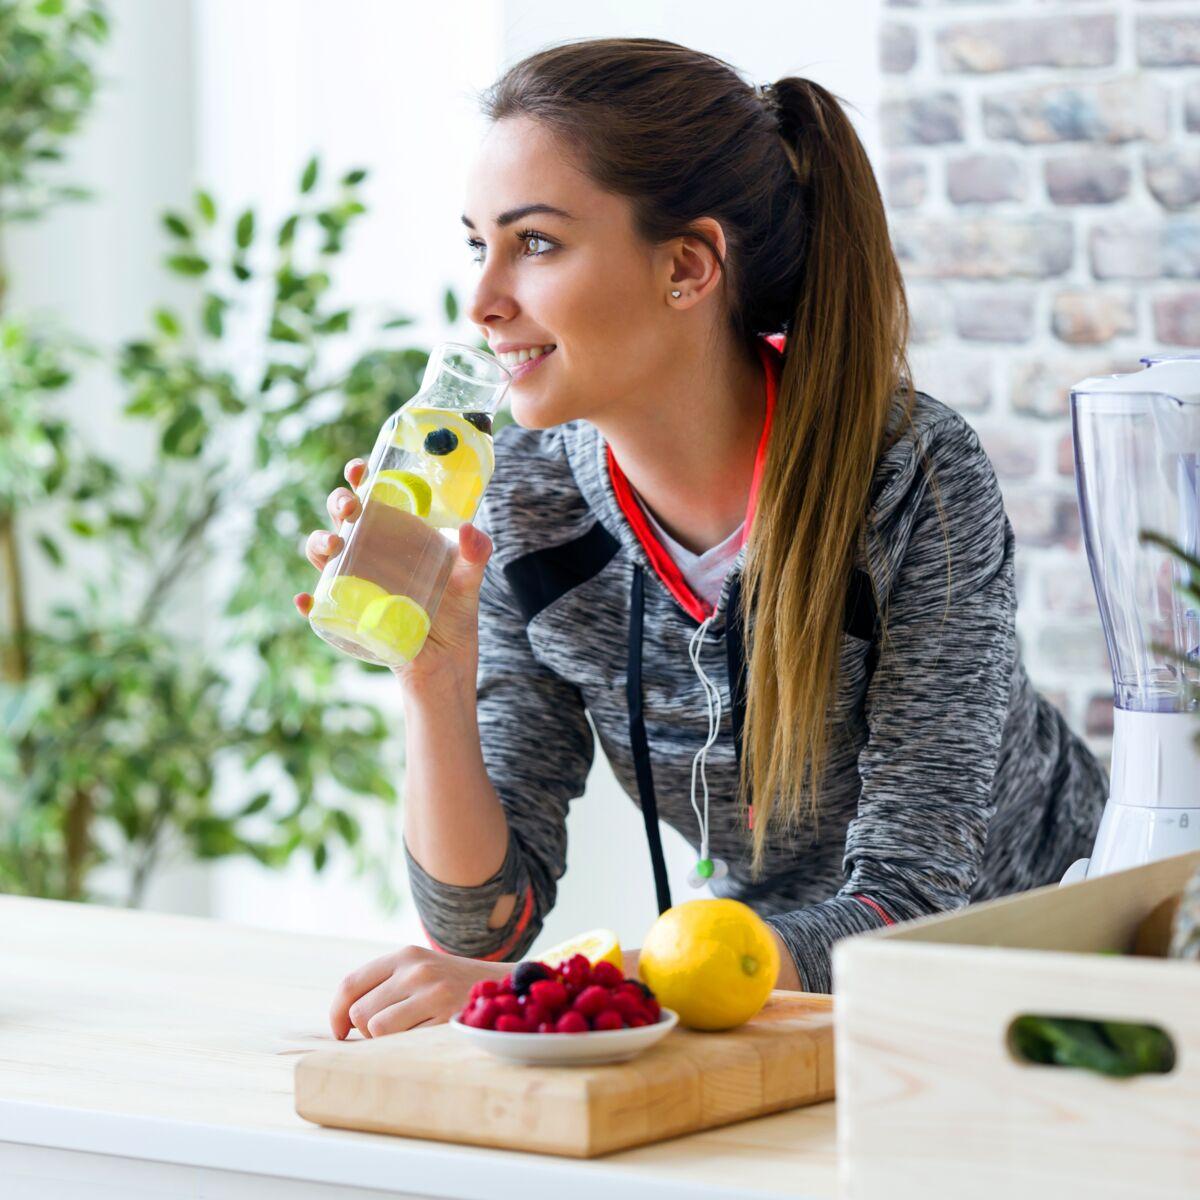 Conseil santé : découvrez cinq habitudes qui vous aideront à avoir une meilleure santé